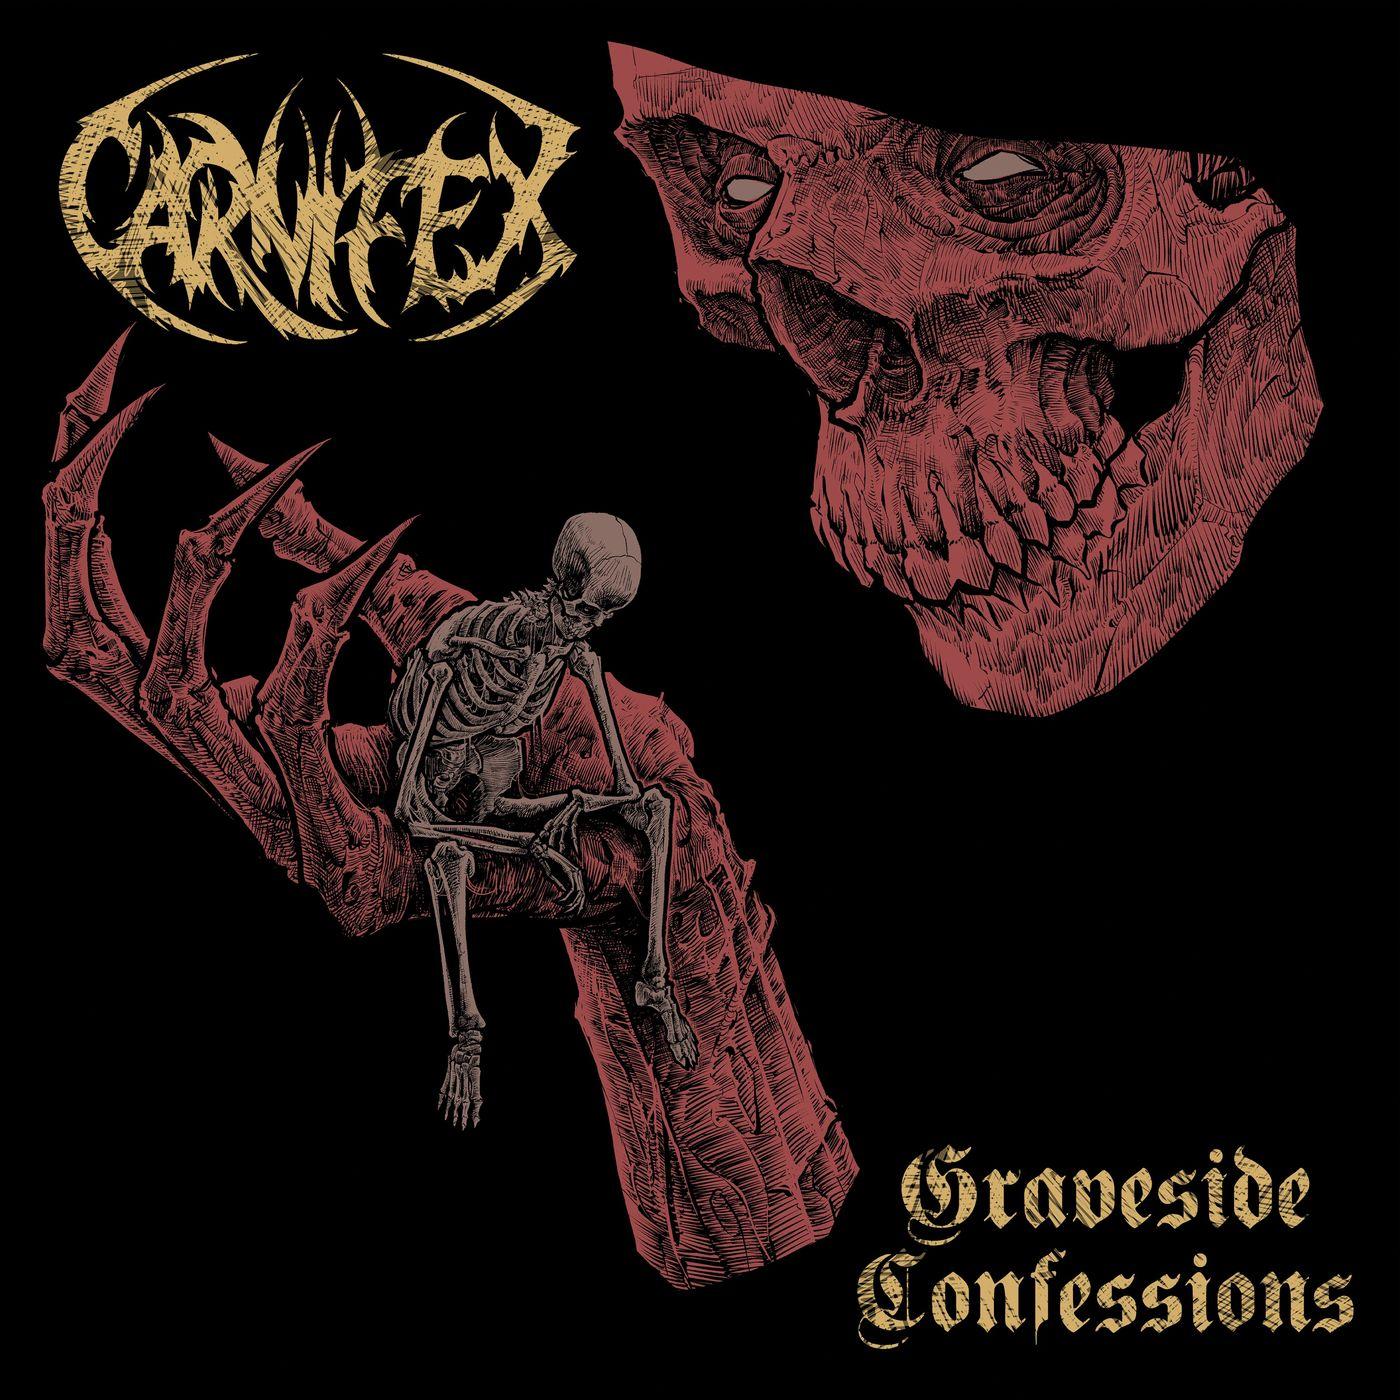 Carnifex - Graveside Confessions [single] (2021) » CORE RADIO